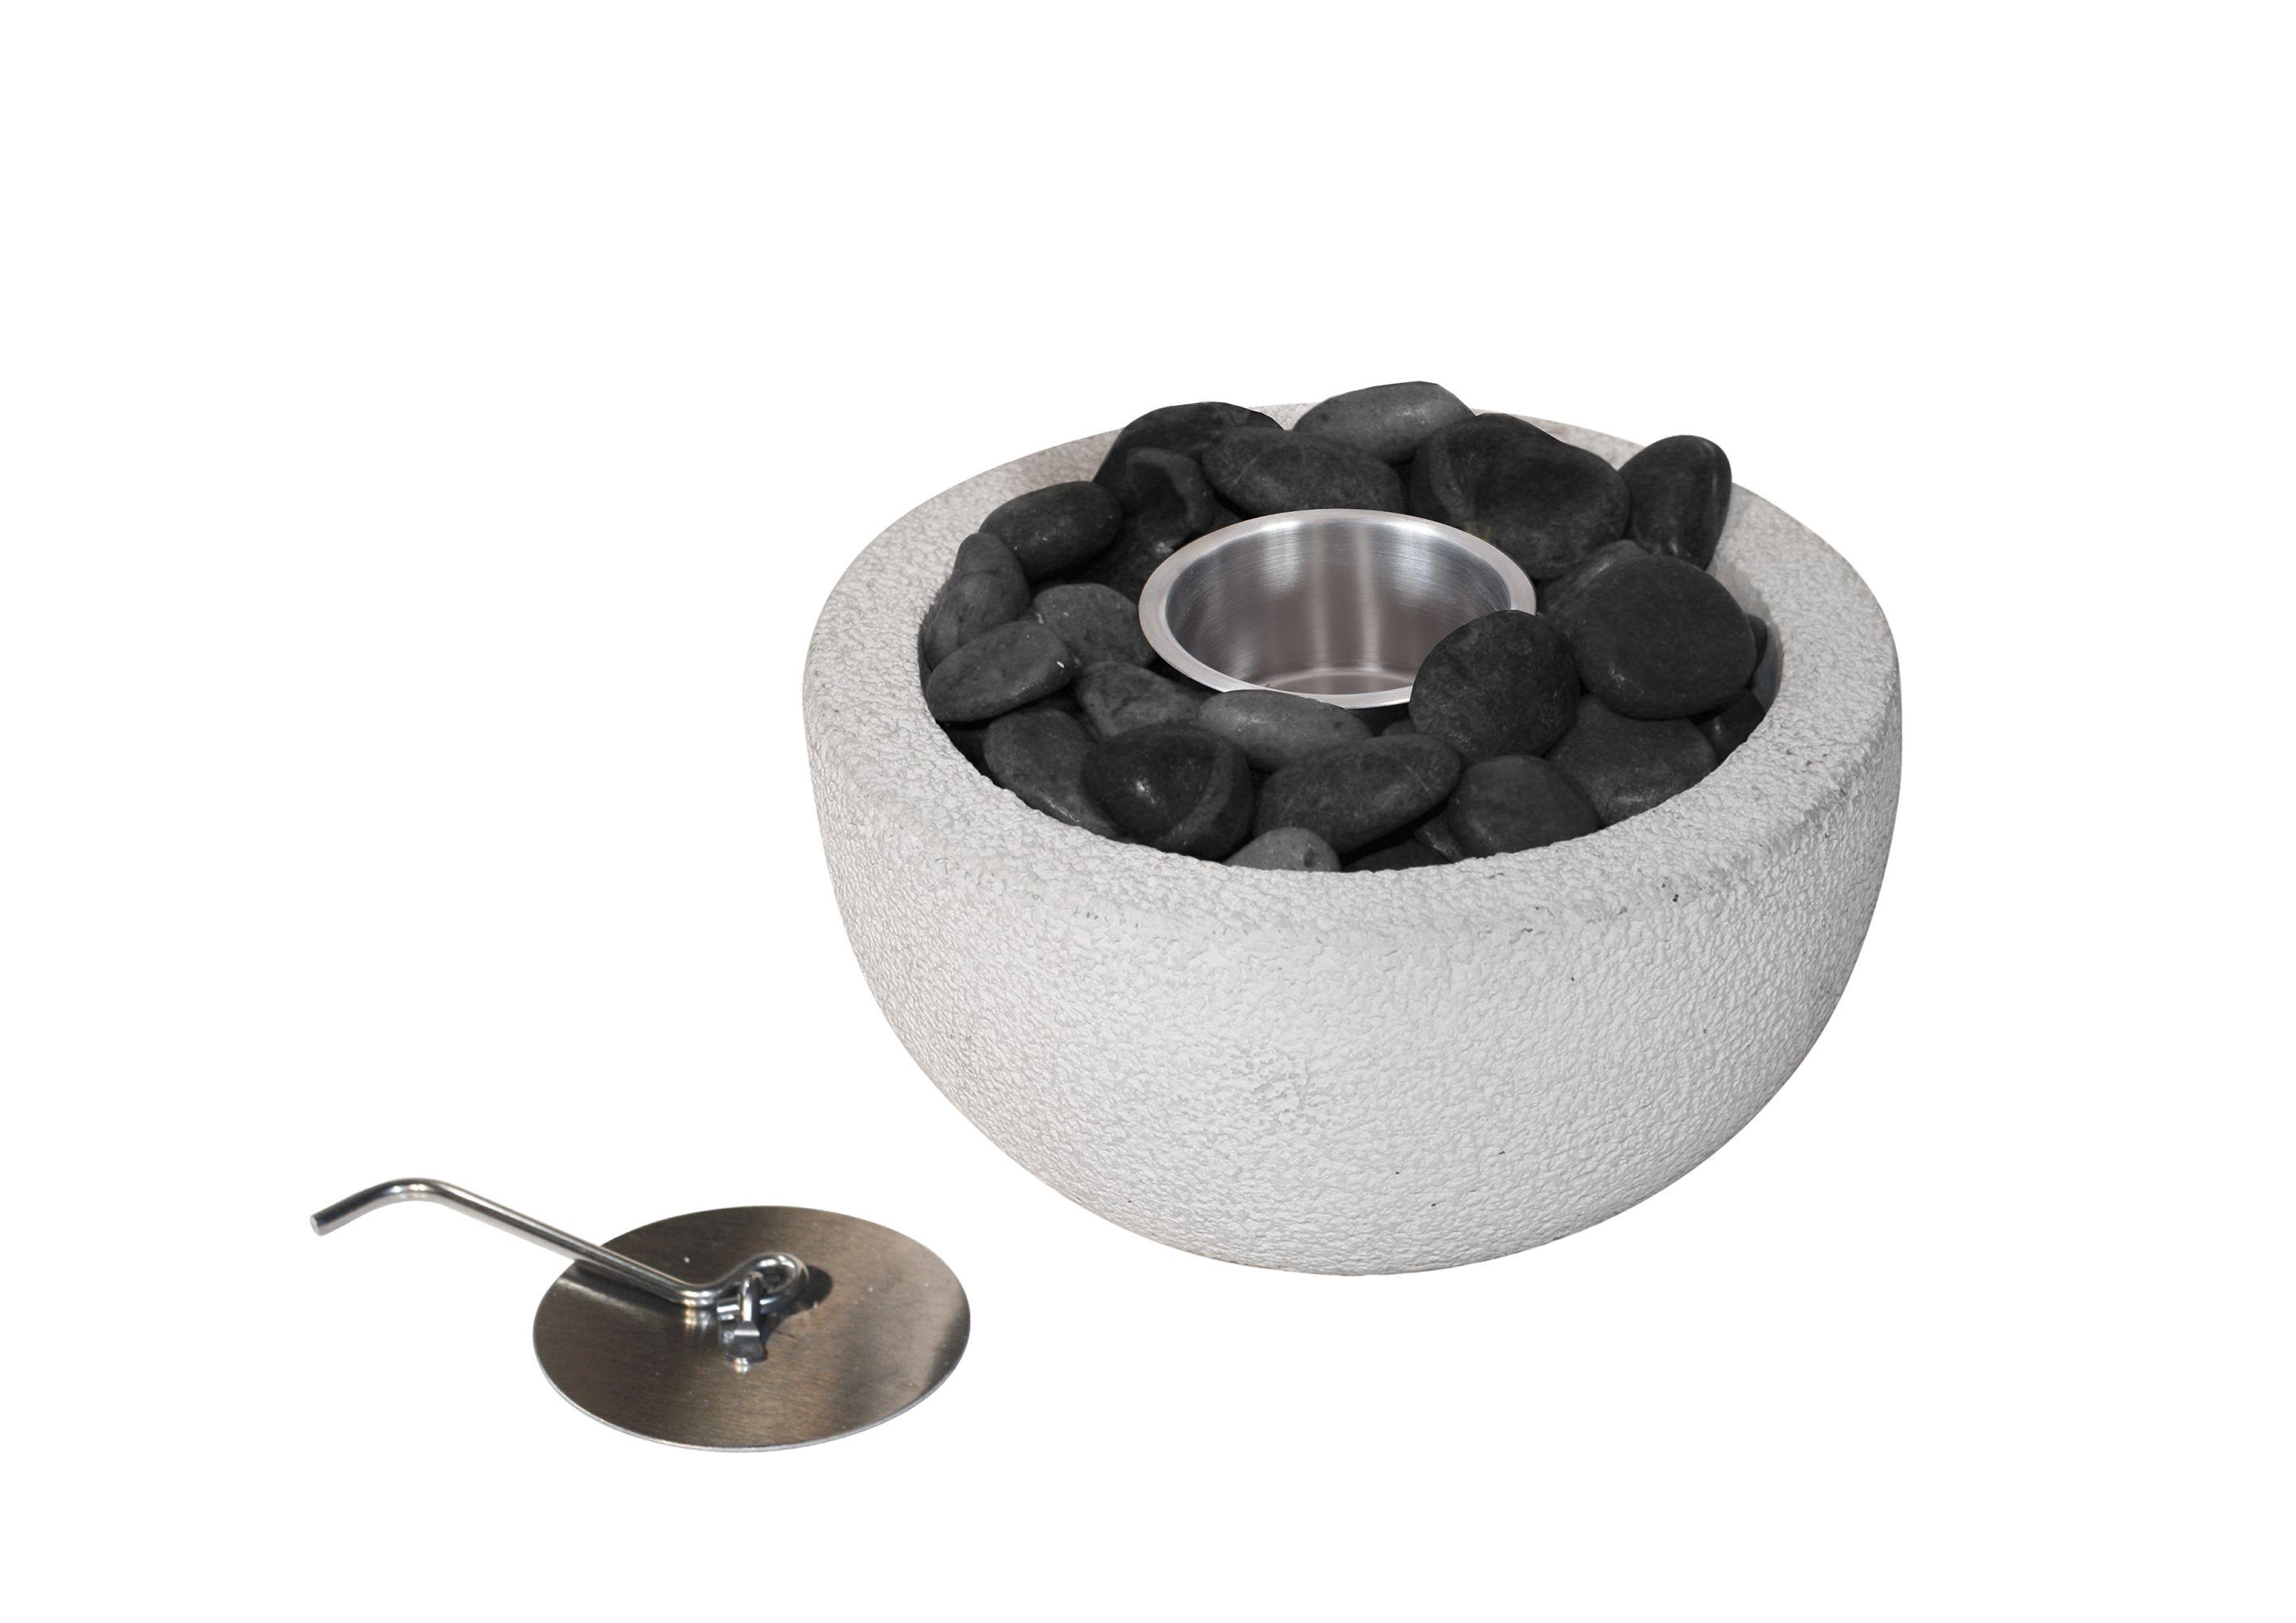 la hacienda punta stainless steel u0026 concrete gel burner